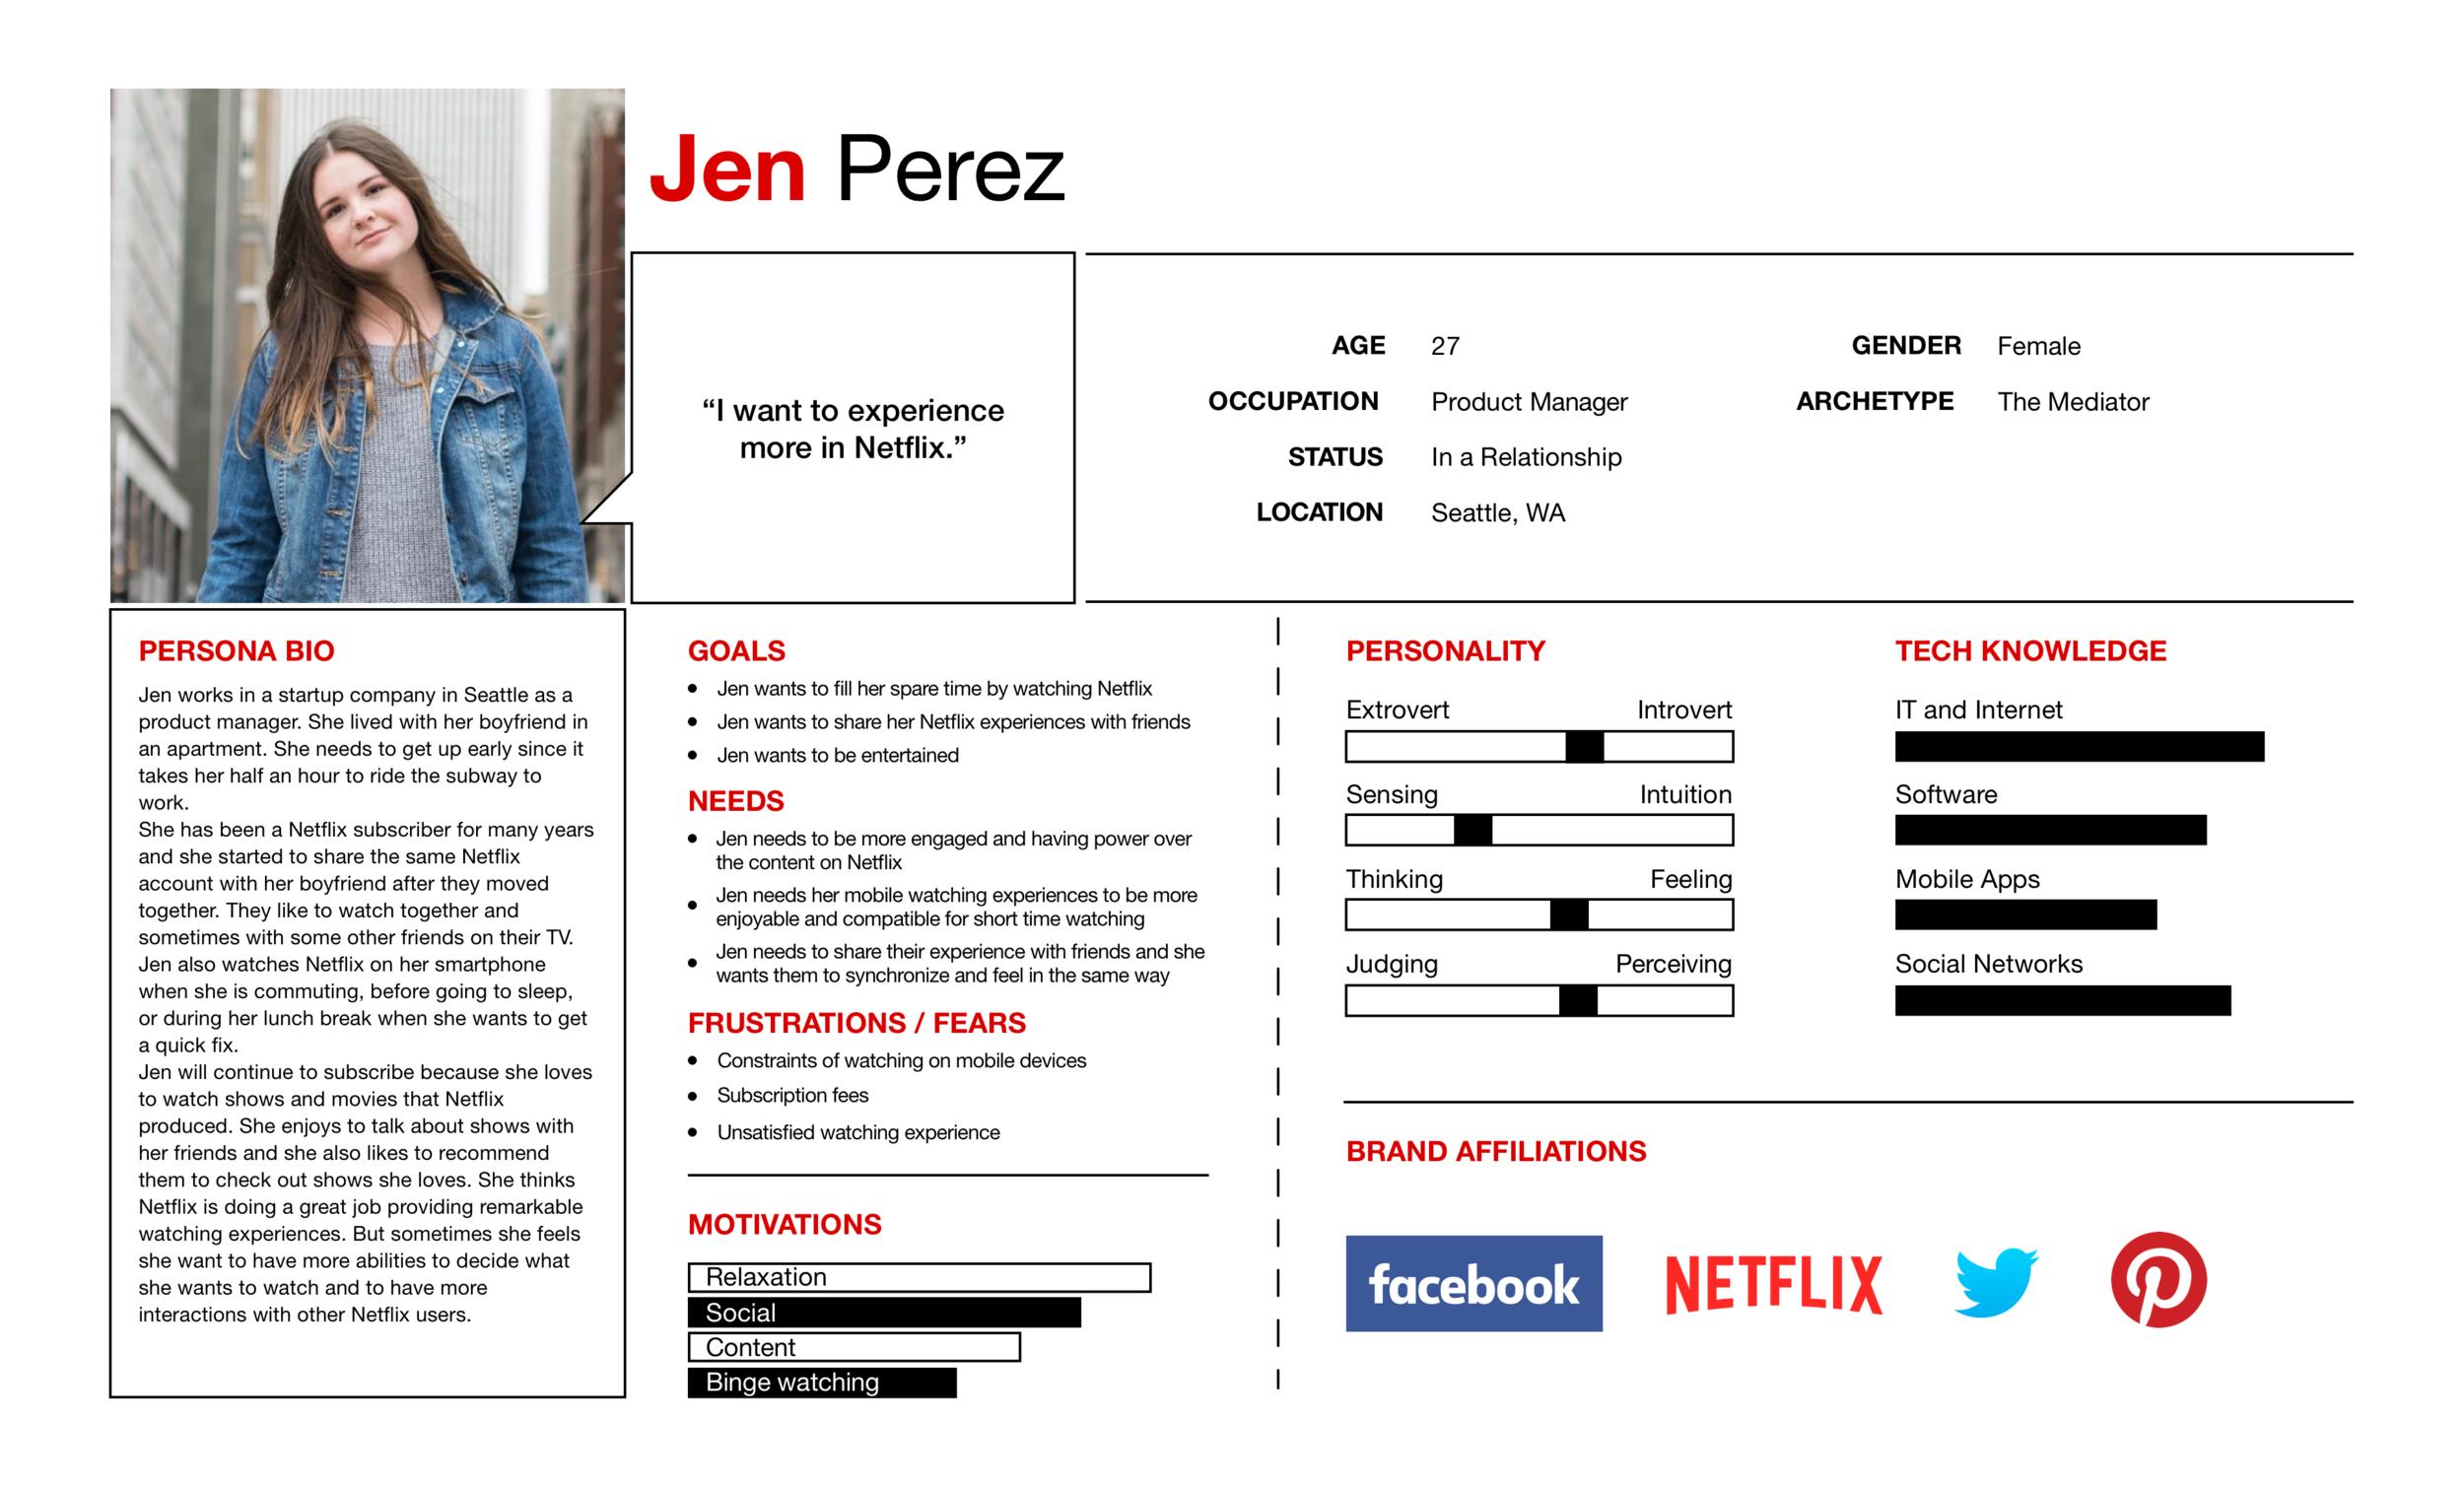 Netflix_Persona 1.1.png